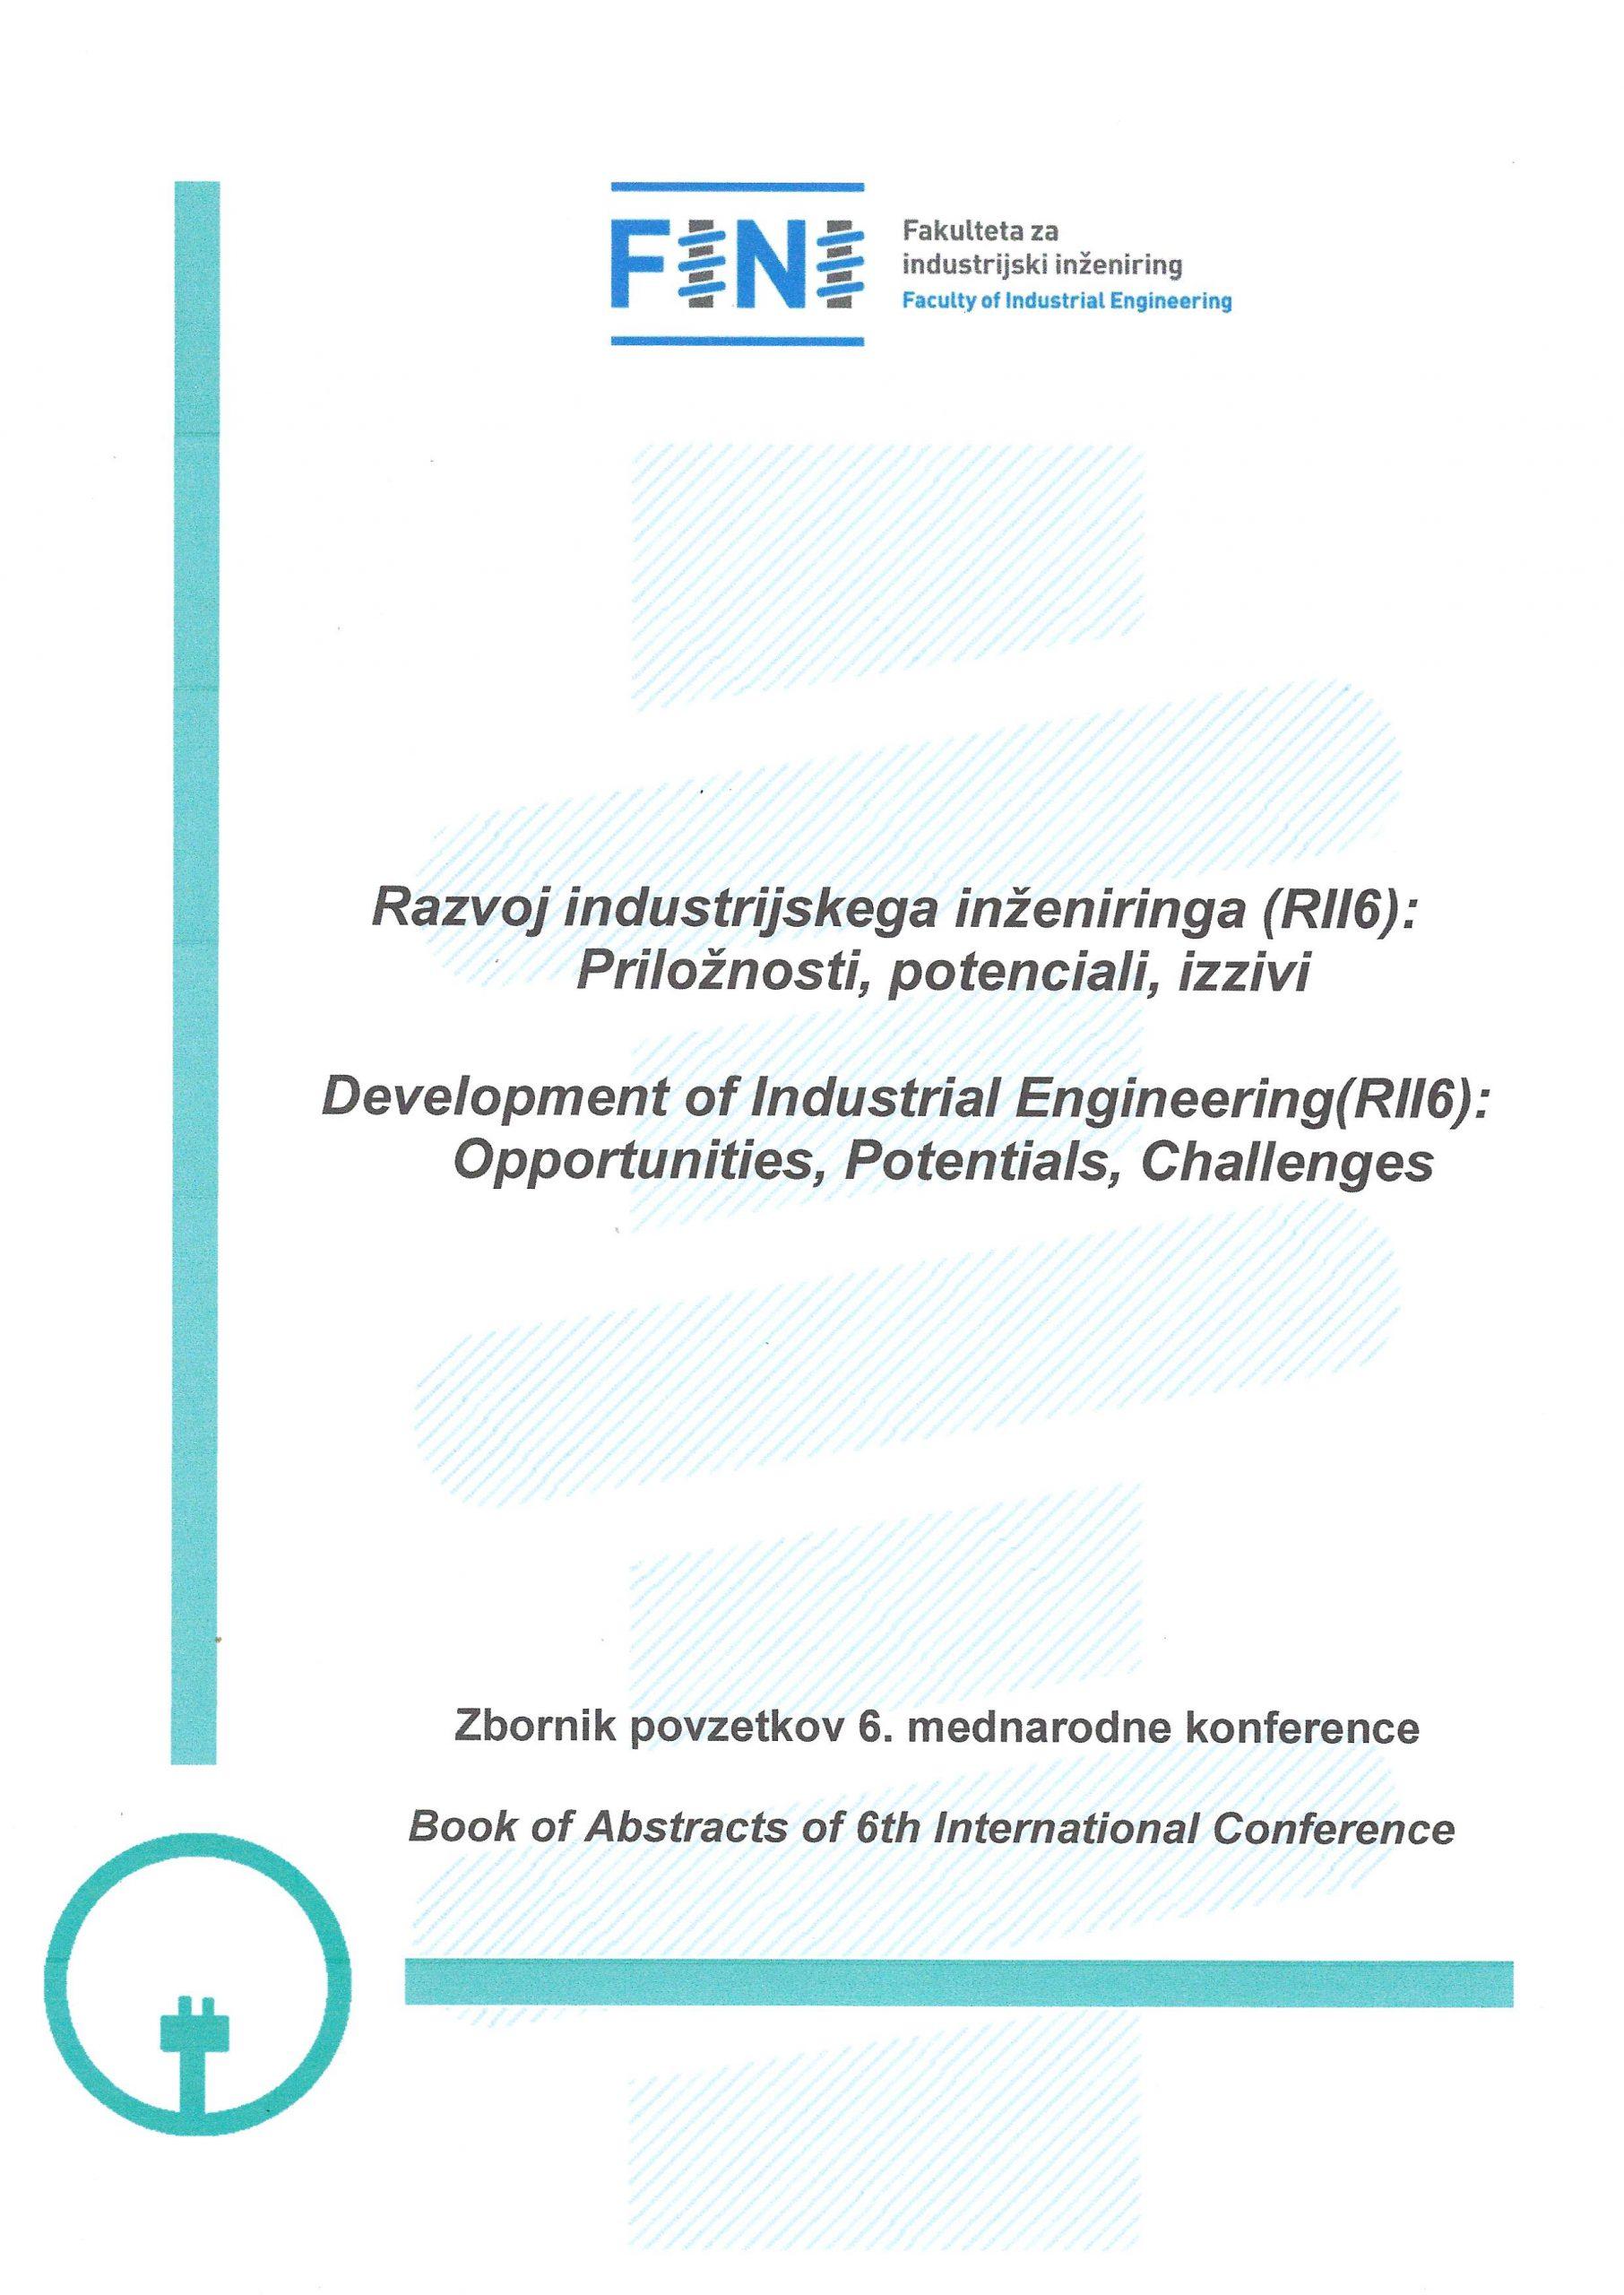 Zbornik povzetkov 6. mednarodne konference